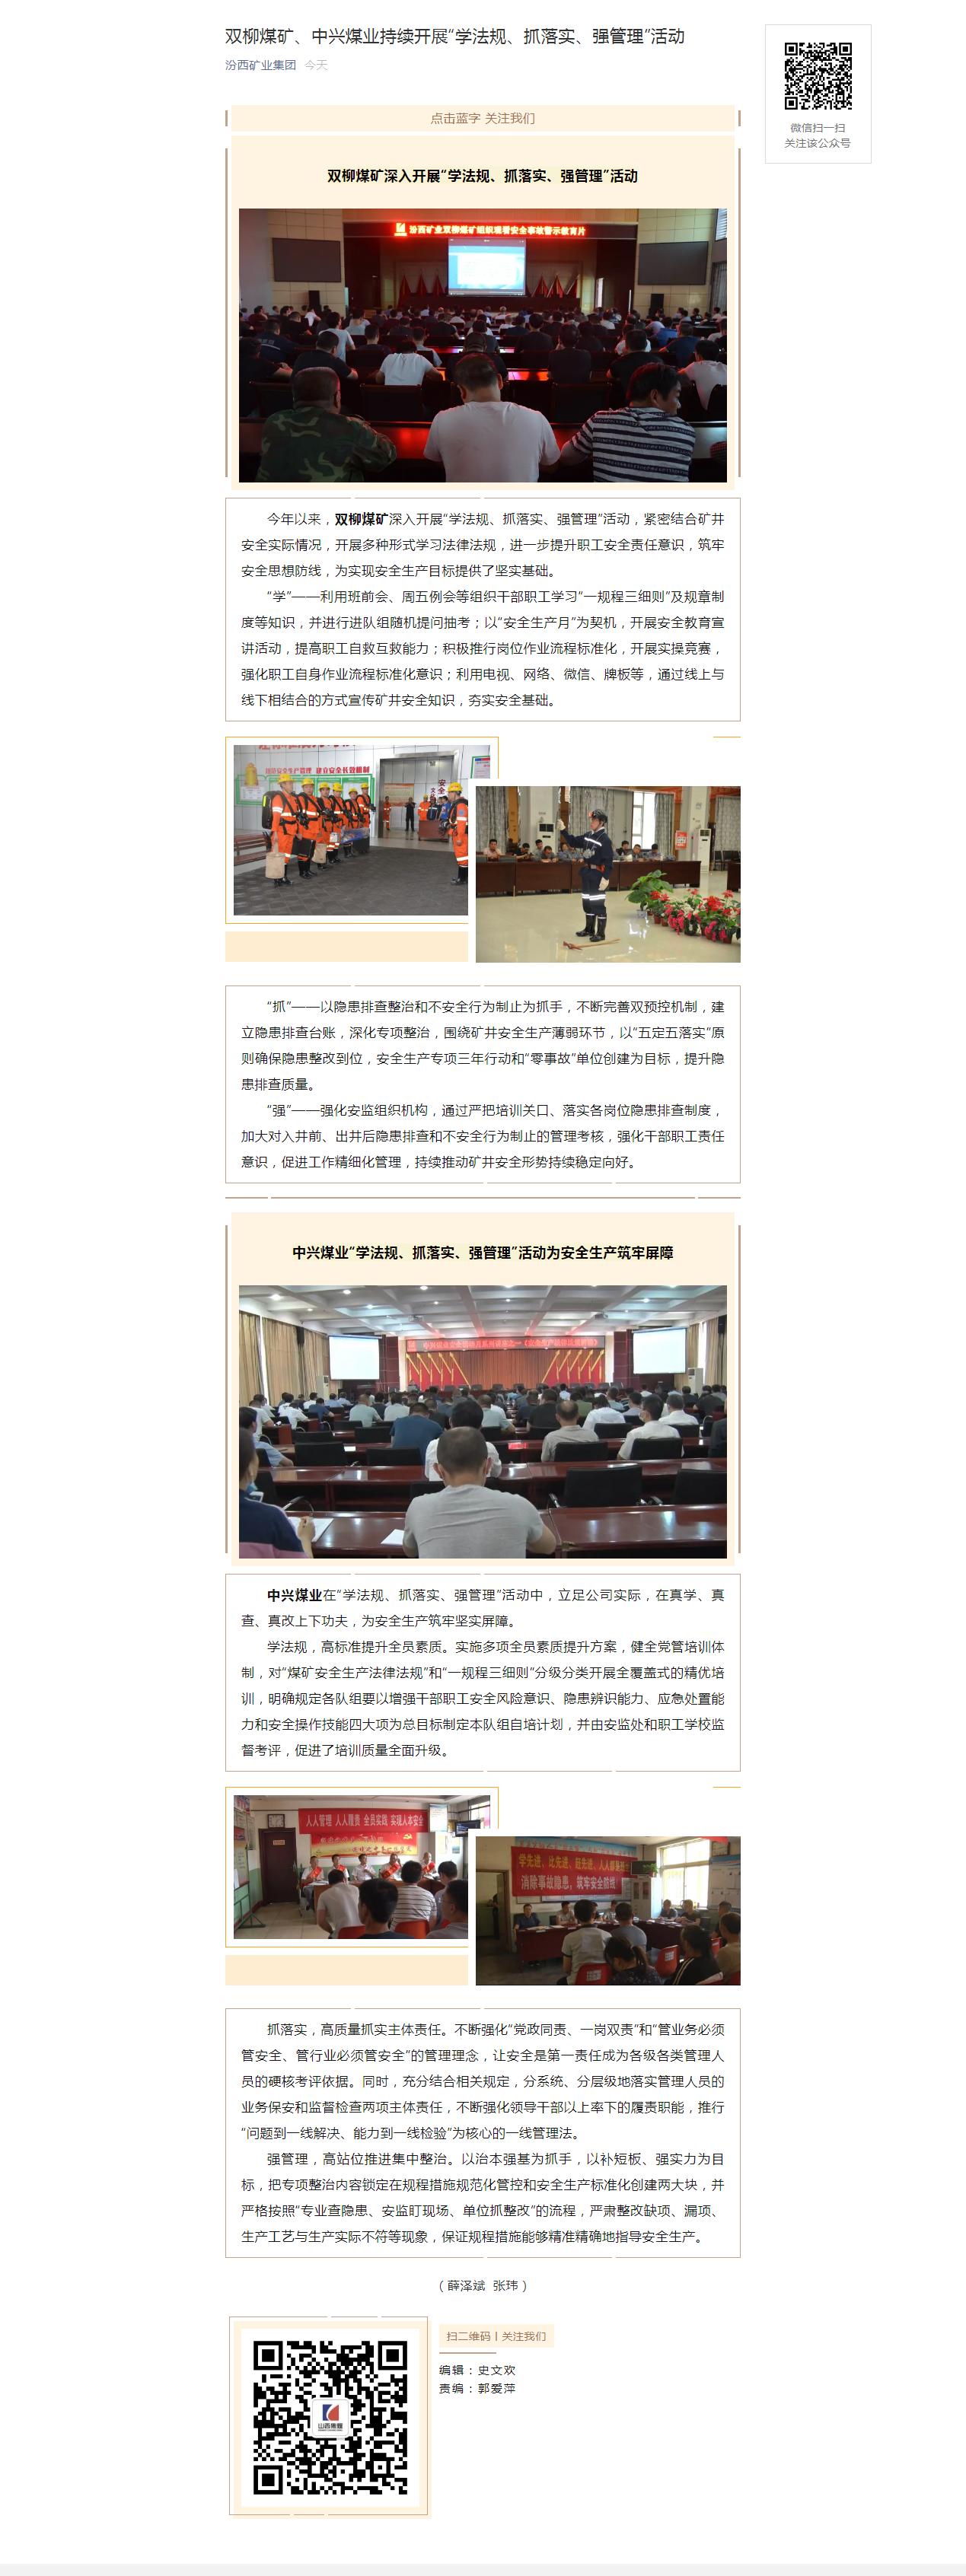 """双柳煤矿、中兴煤业持续开展""""学法规、抓落实、强管理""""活动.png"""